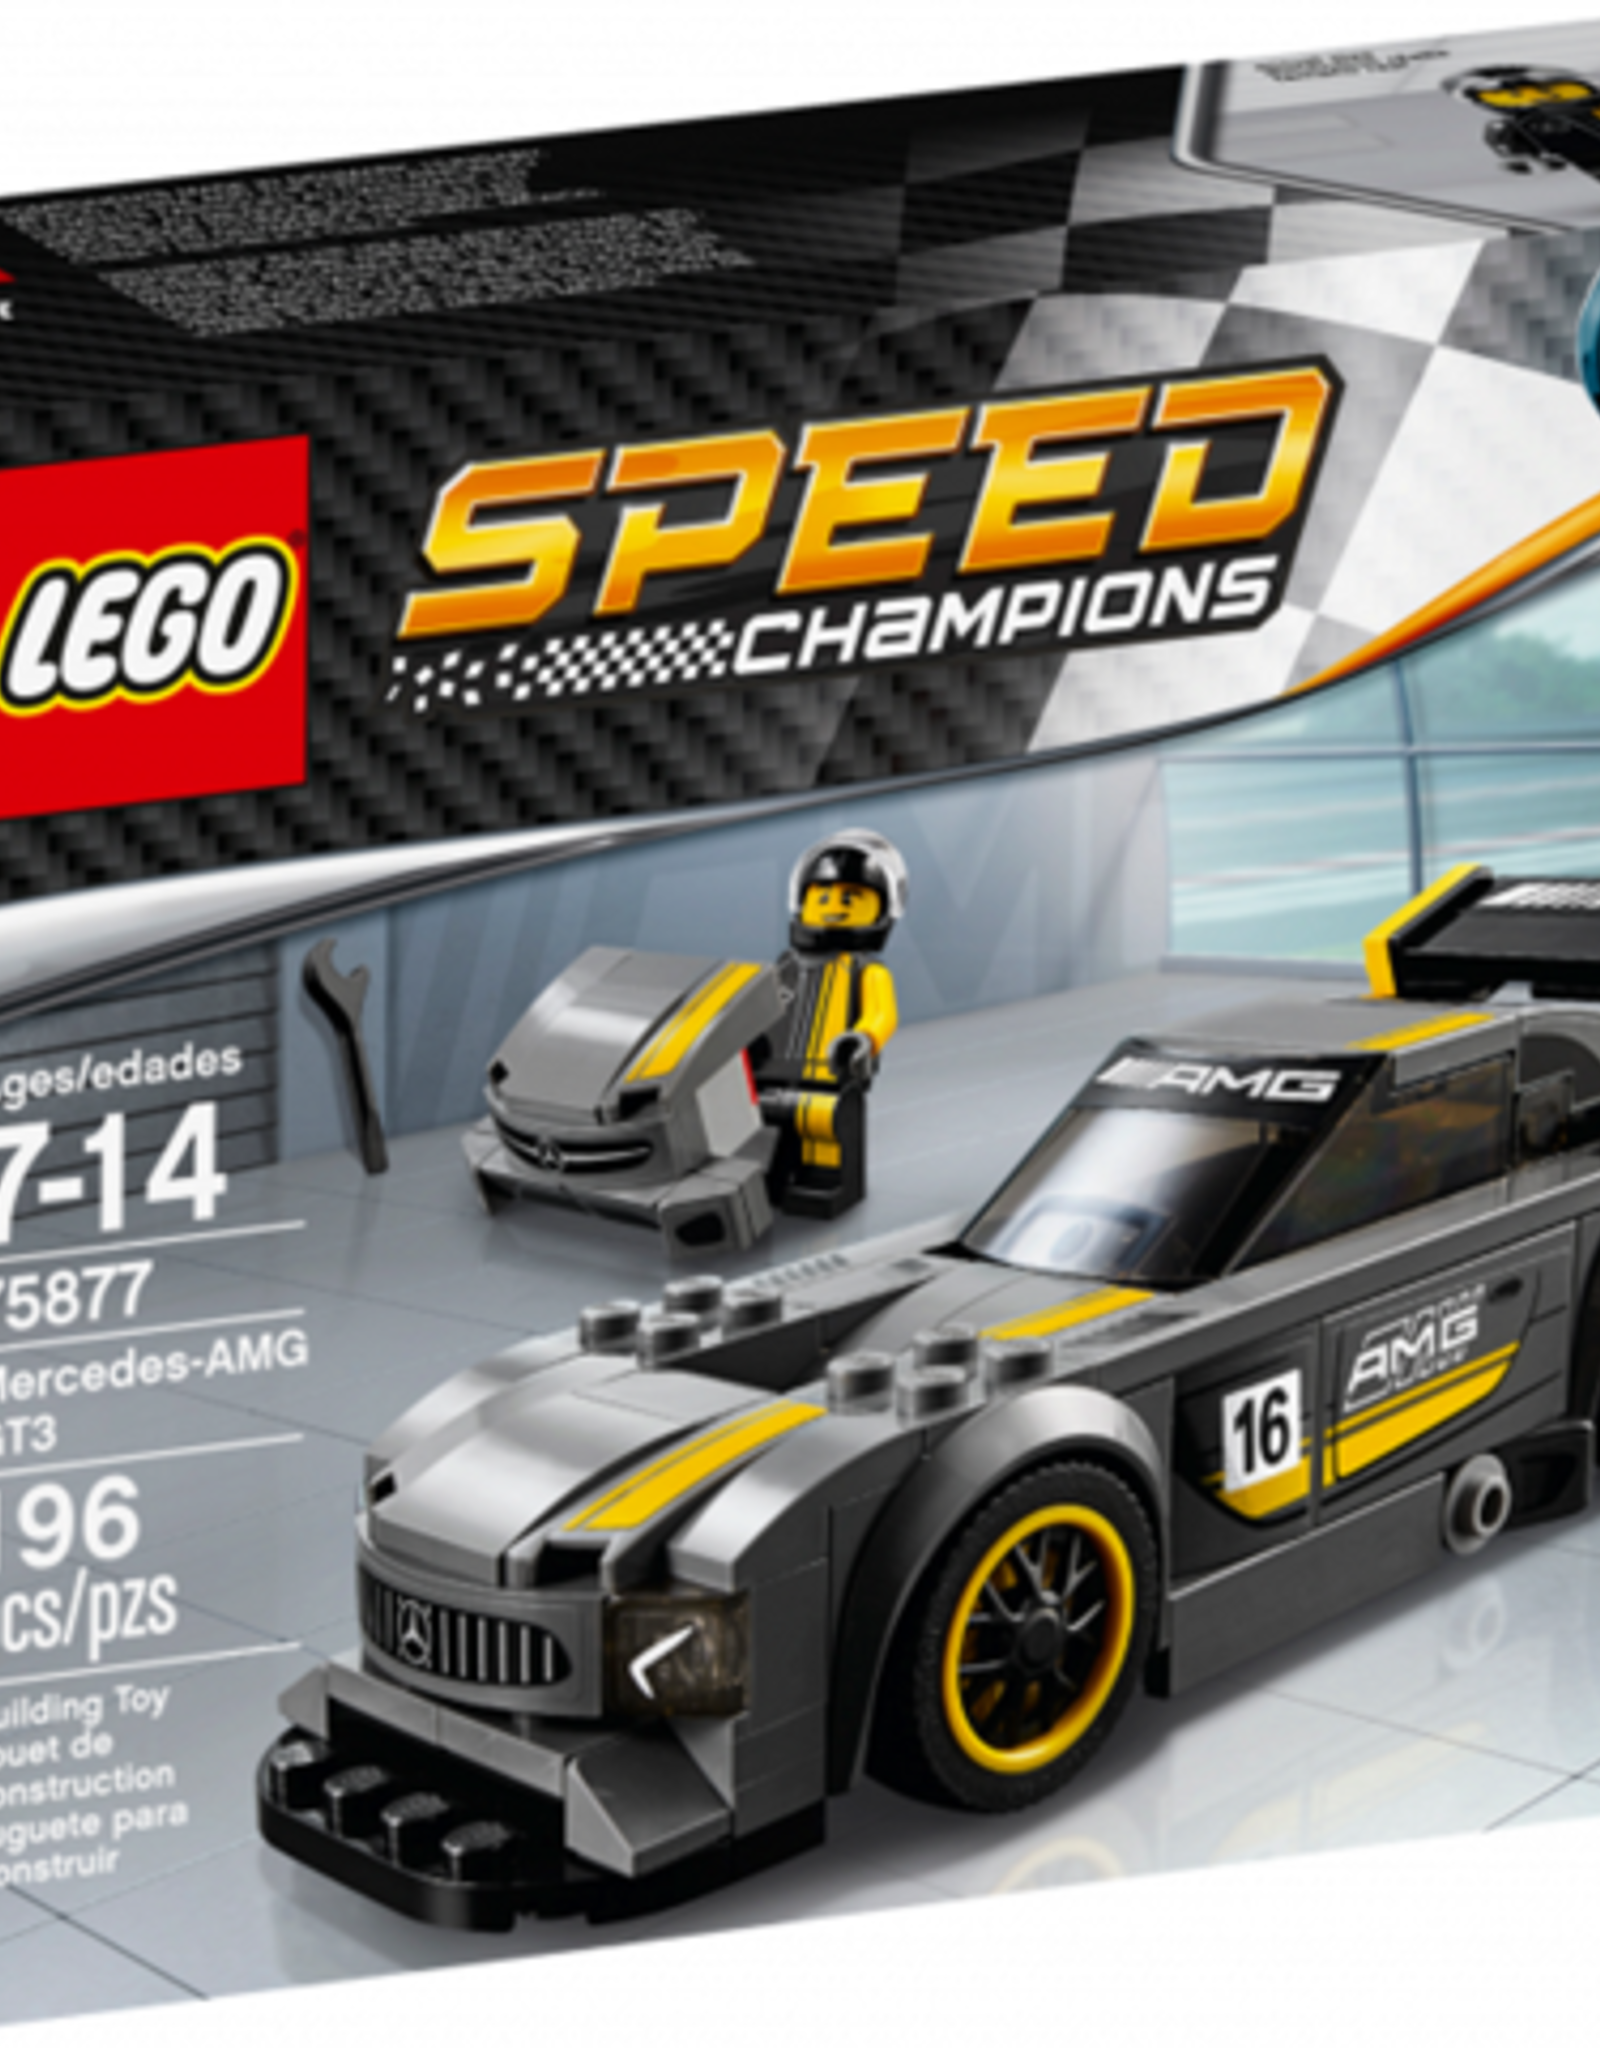 LEGO LEGO 75877 Mercedes-AMG GT3 SPEED Champions